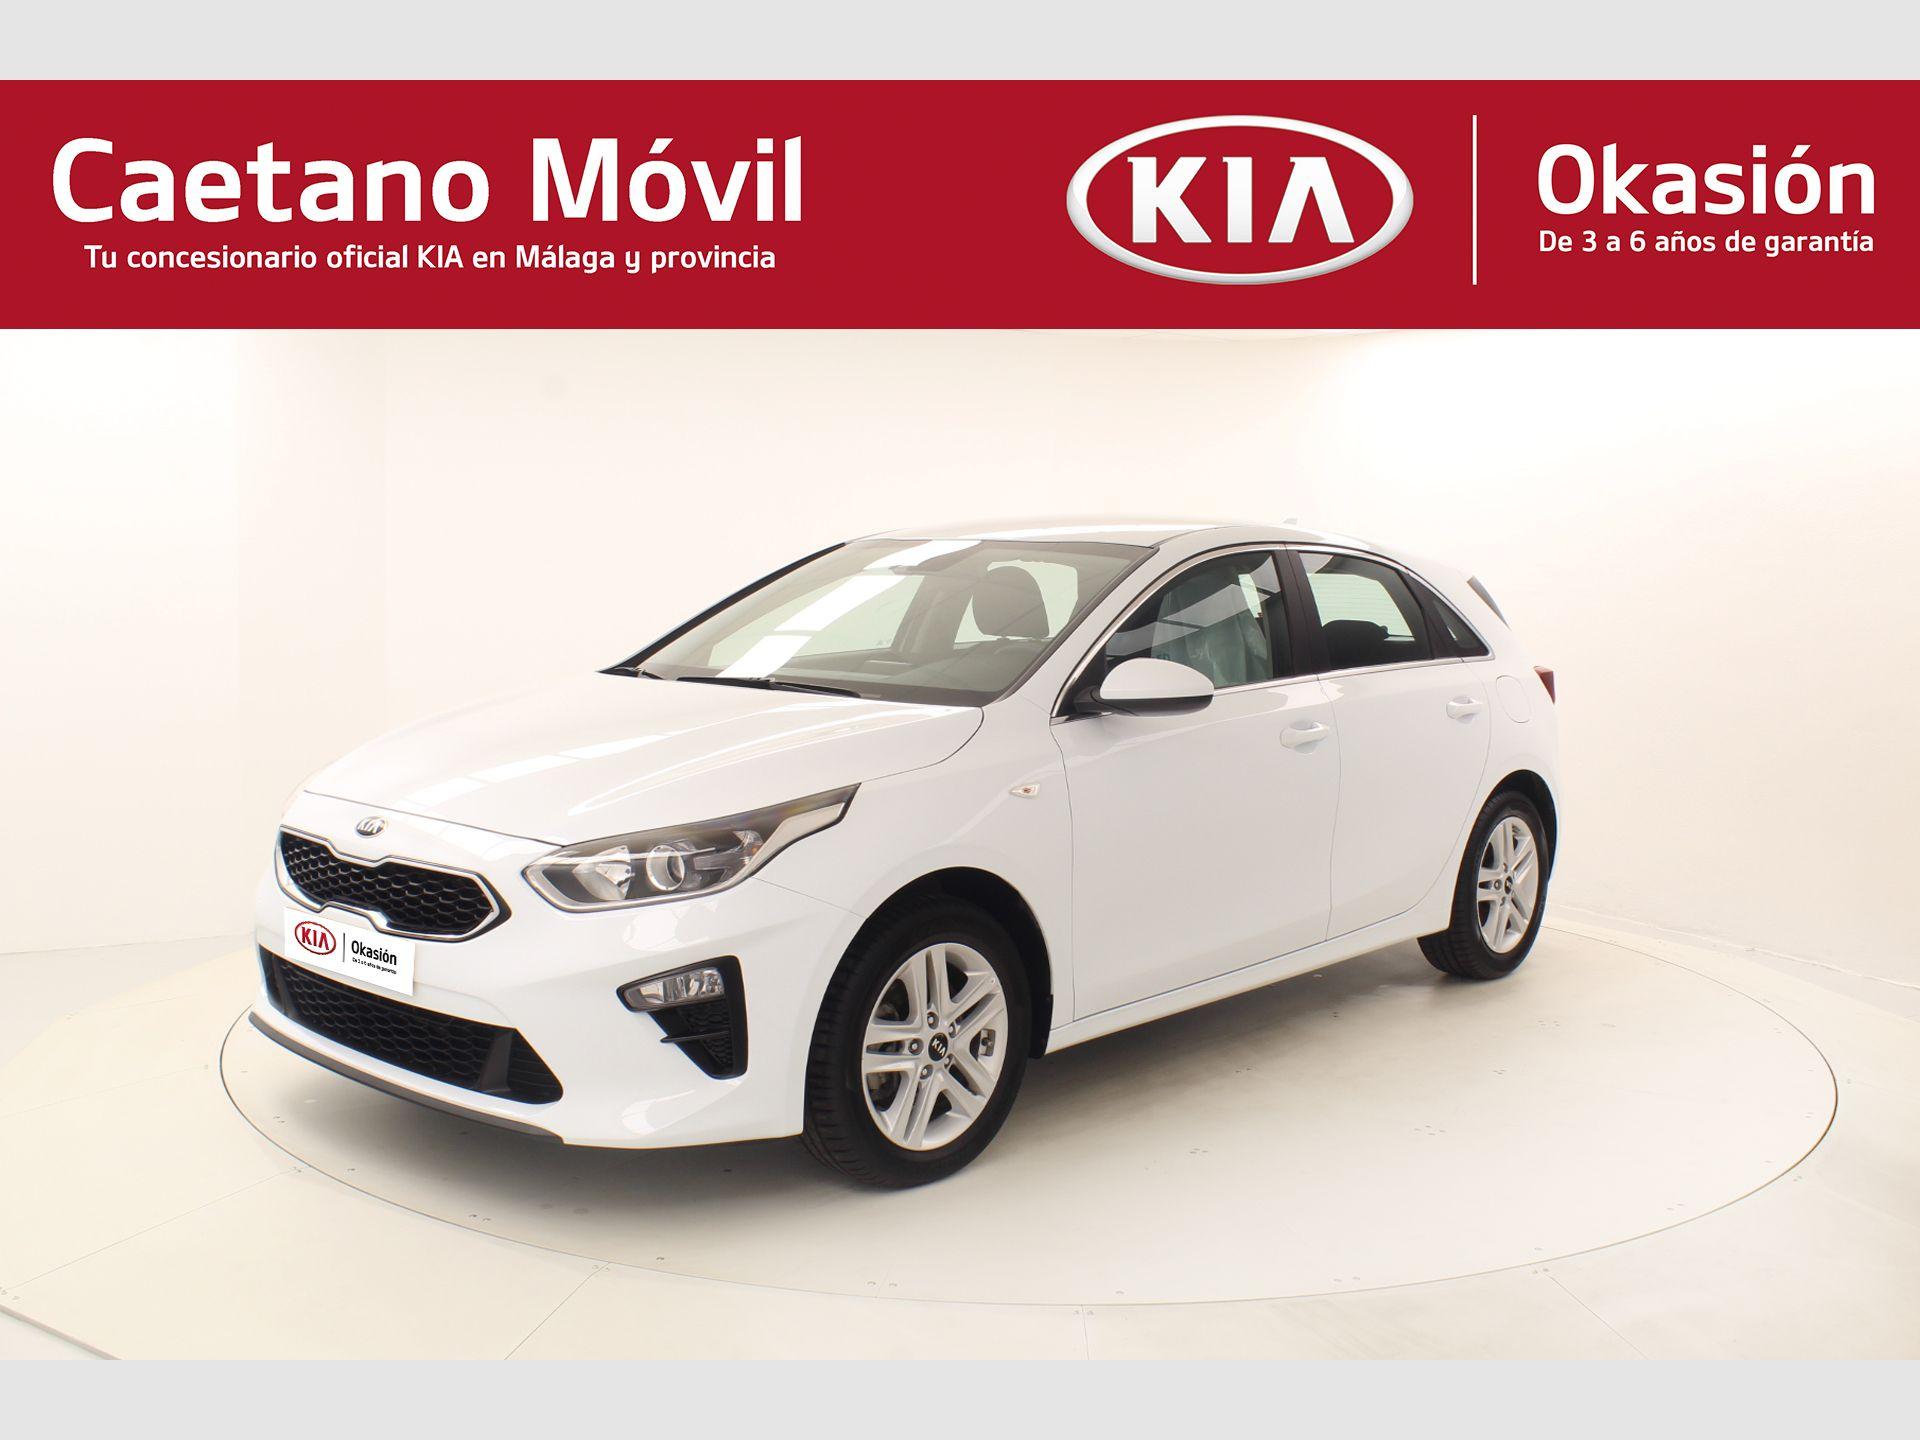 Kia Ceed 1.4 CVVT 74kW (100CV) Drive segunda mano Málaga